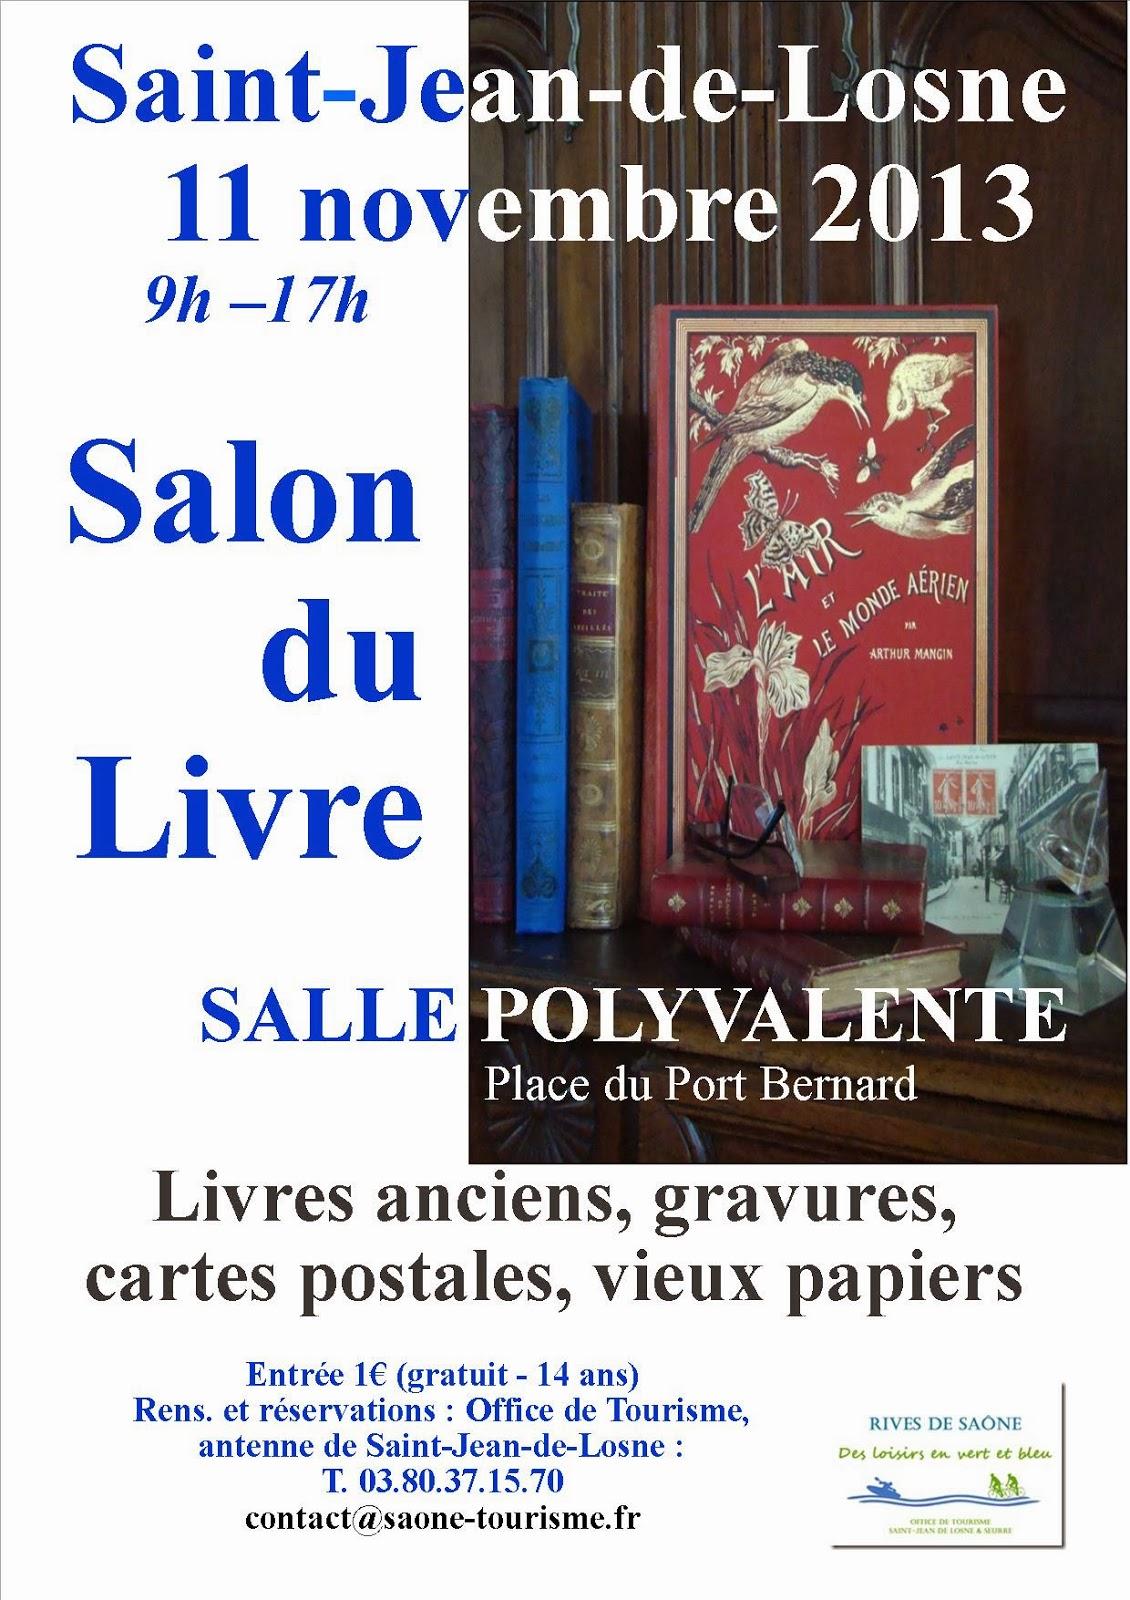 Saint jean de losne tourisme histoire patrimoine 11 - Saint jean du gard office de tourisme ...